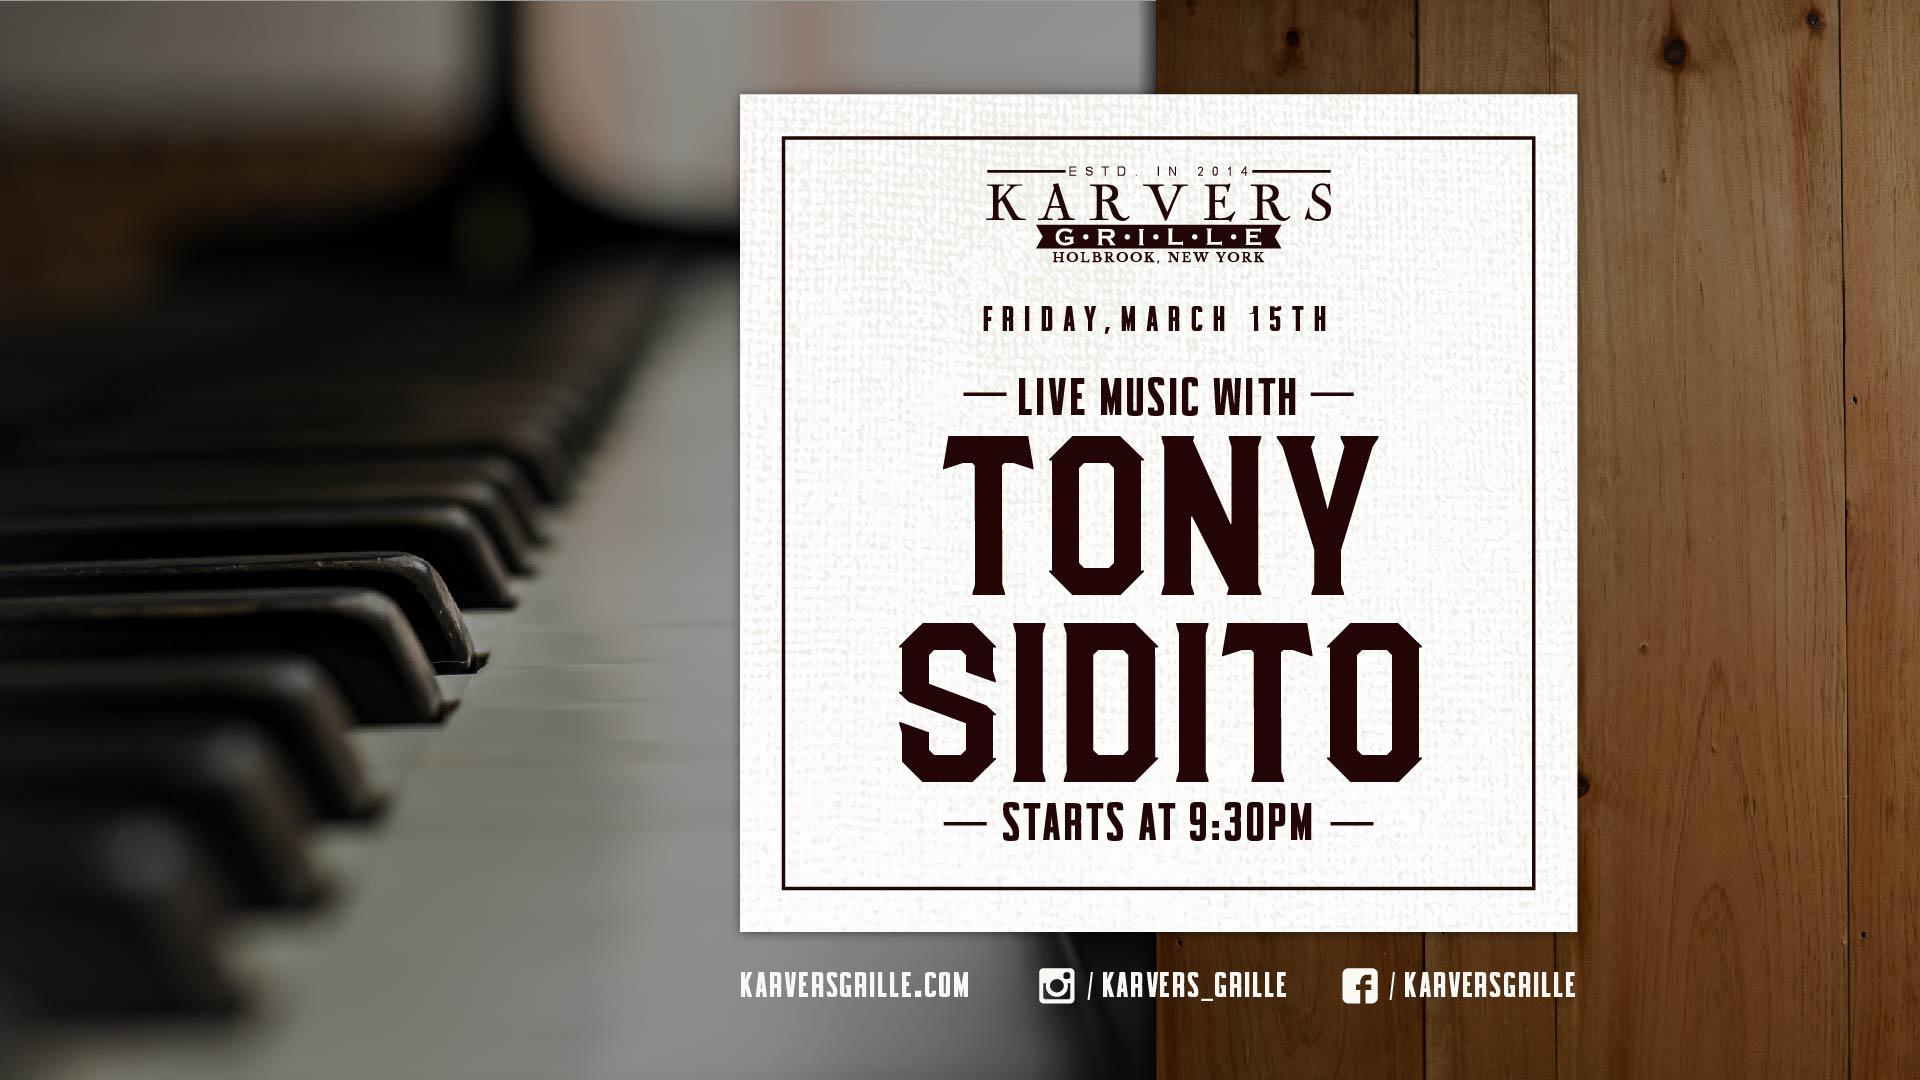 Tony Sidito